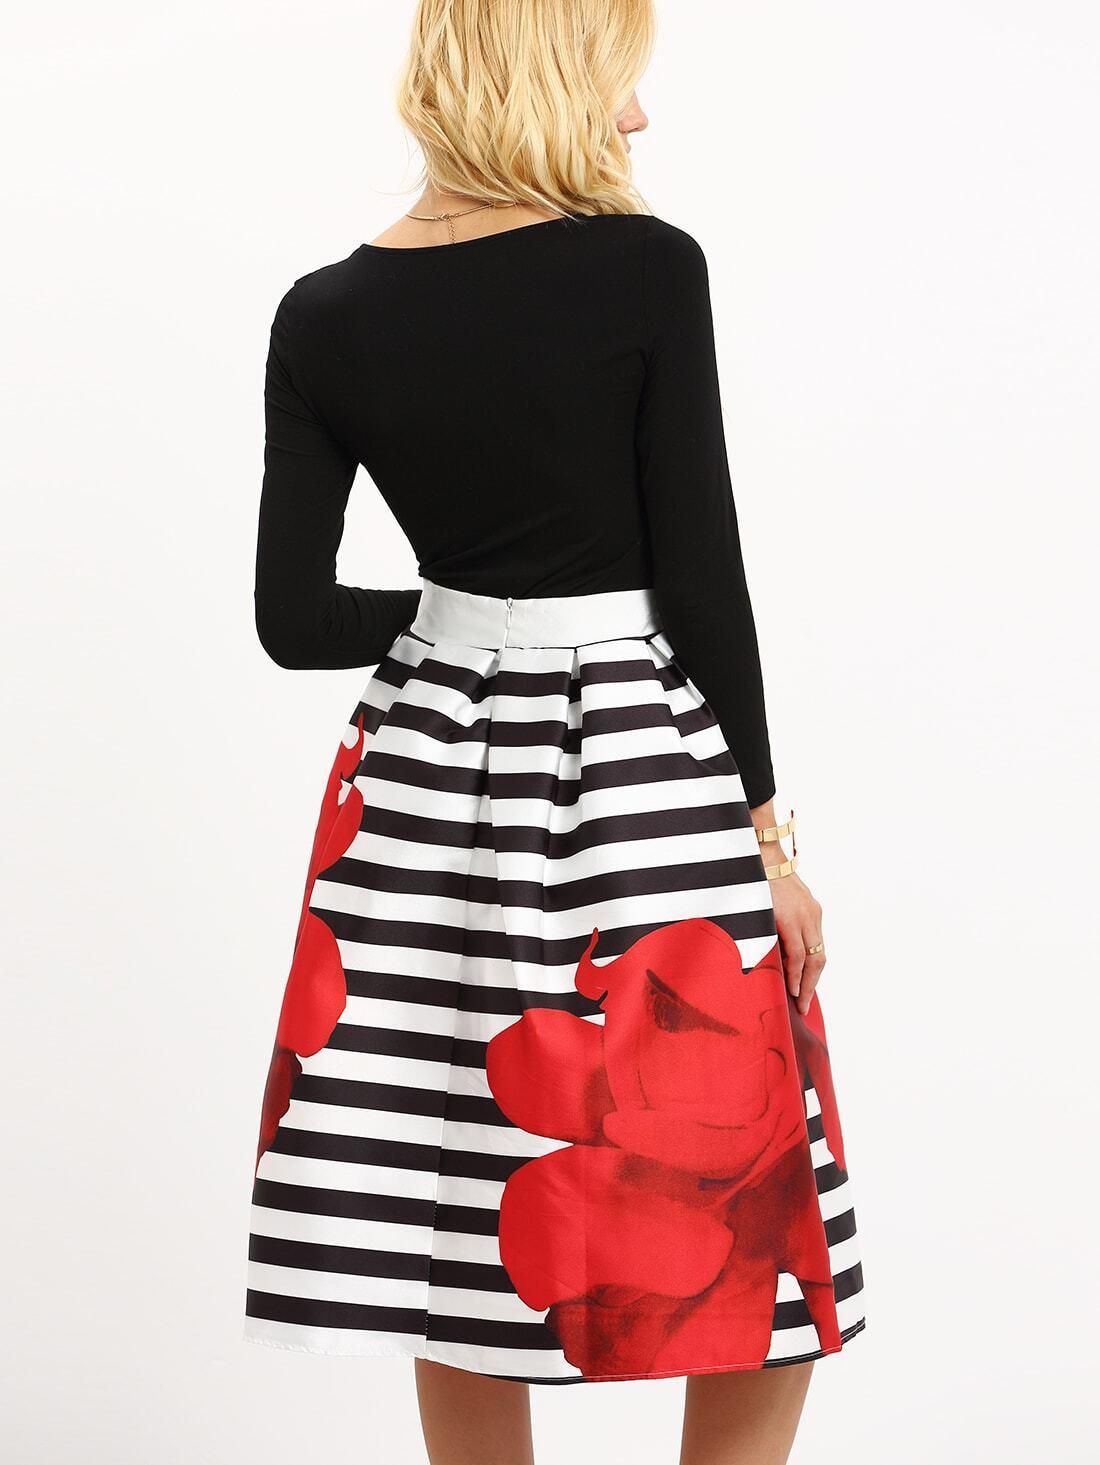 Полосатая юбка доставка